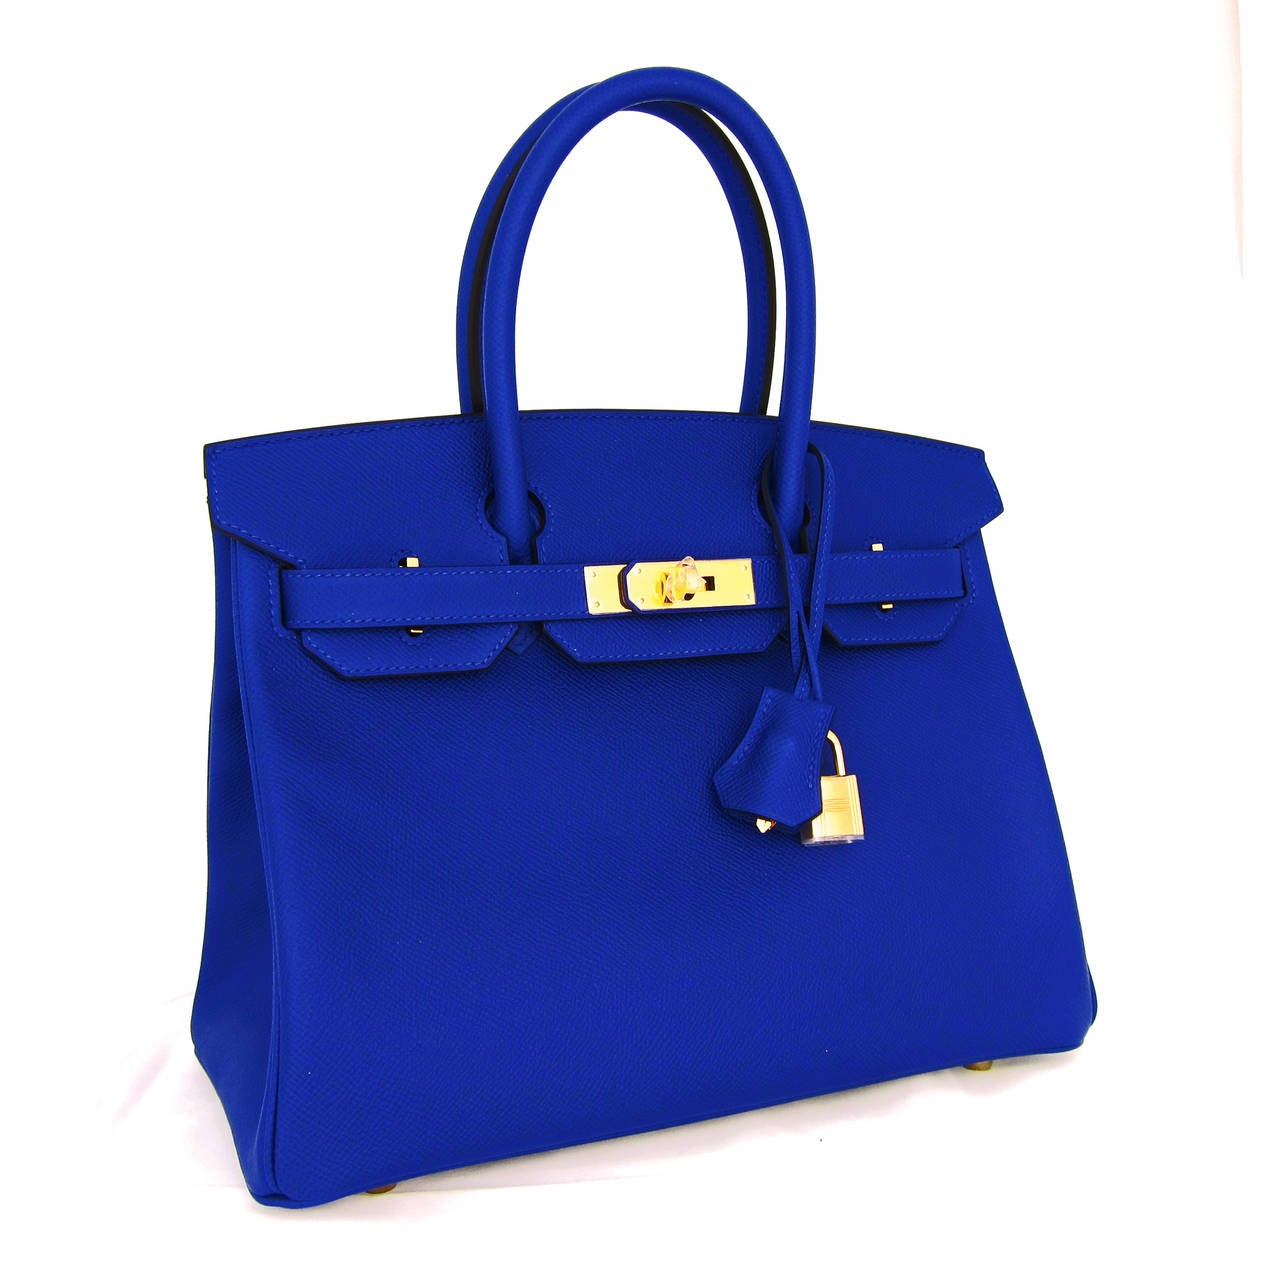 affordable purse - hermes gris tourterelle togo birkin 35cm with gold hardware